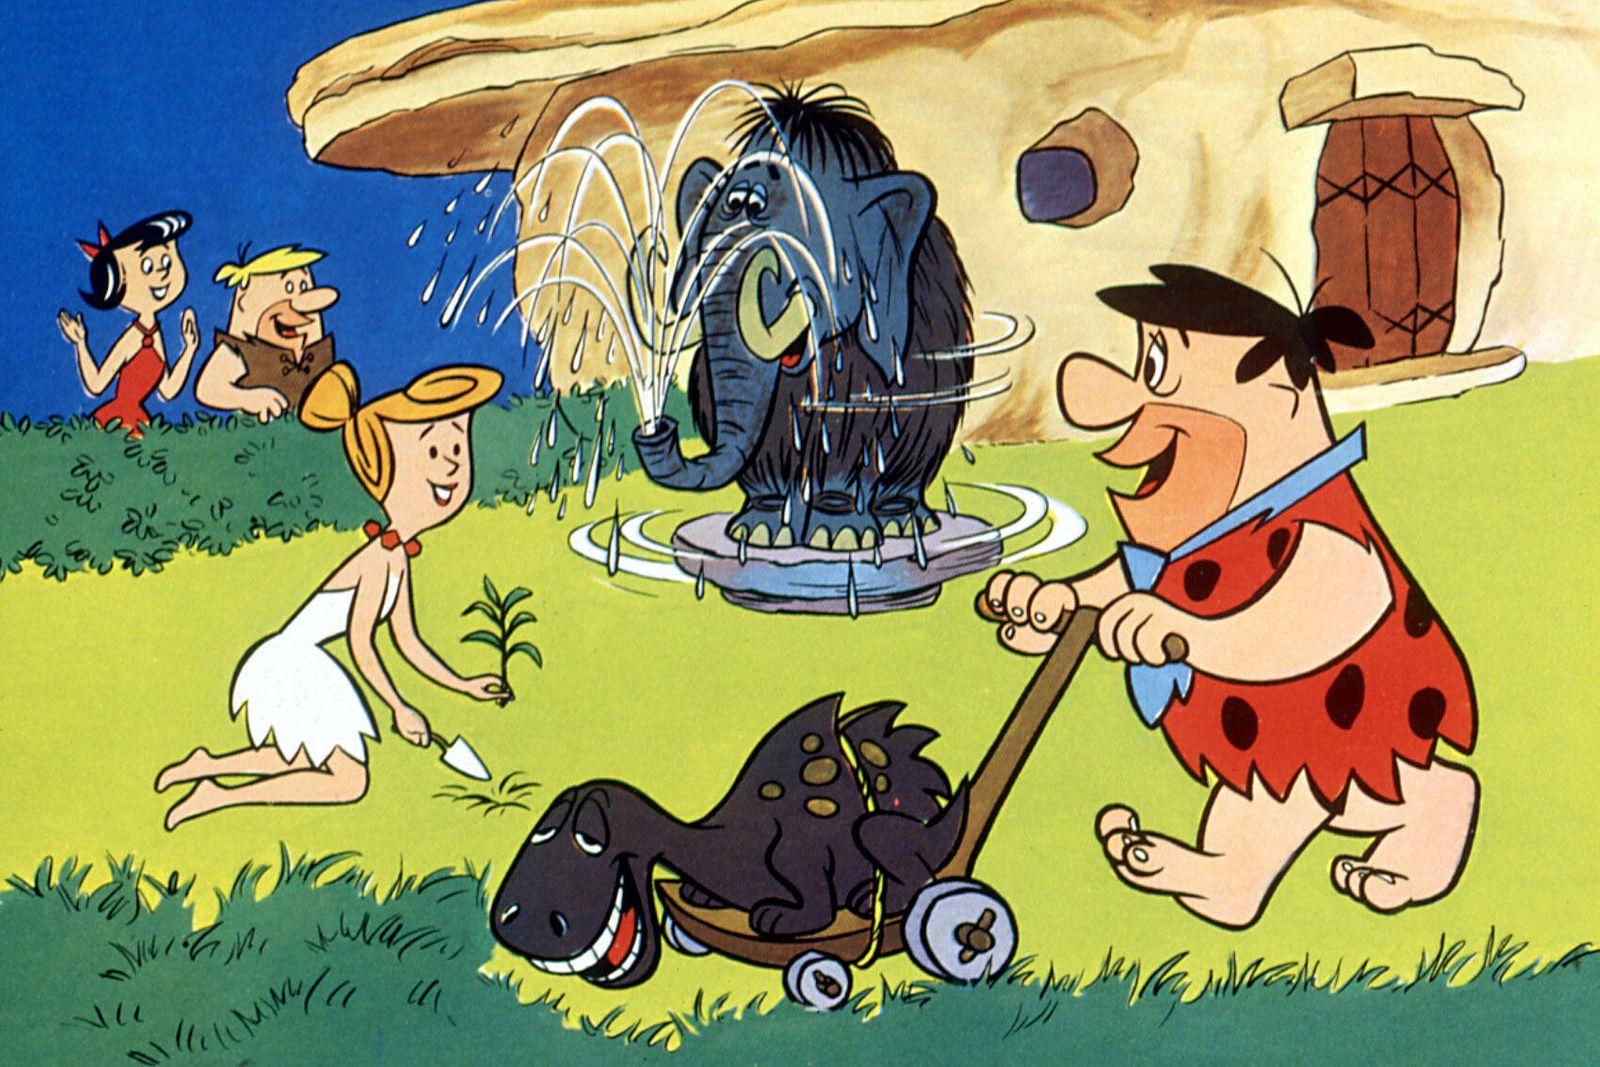 FLINTSTONES, Betty Rubble, Barney Rubble, Wilma Flintstone, Fred Flintstone, 1960-1966, mowing the lawn Courtesy Everett